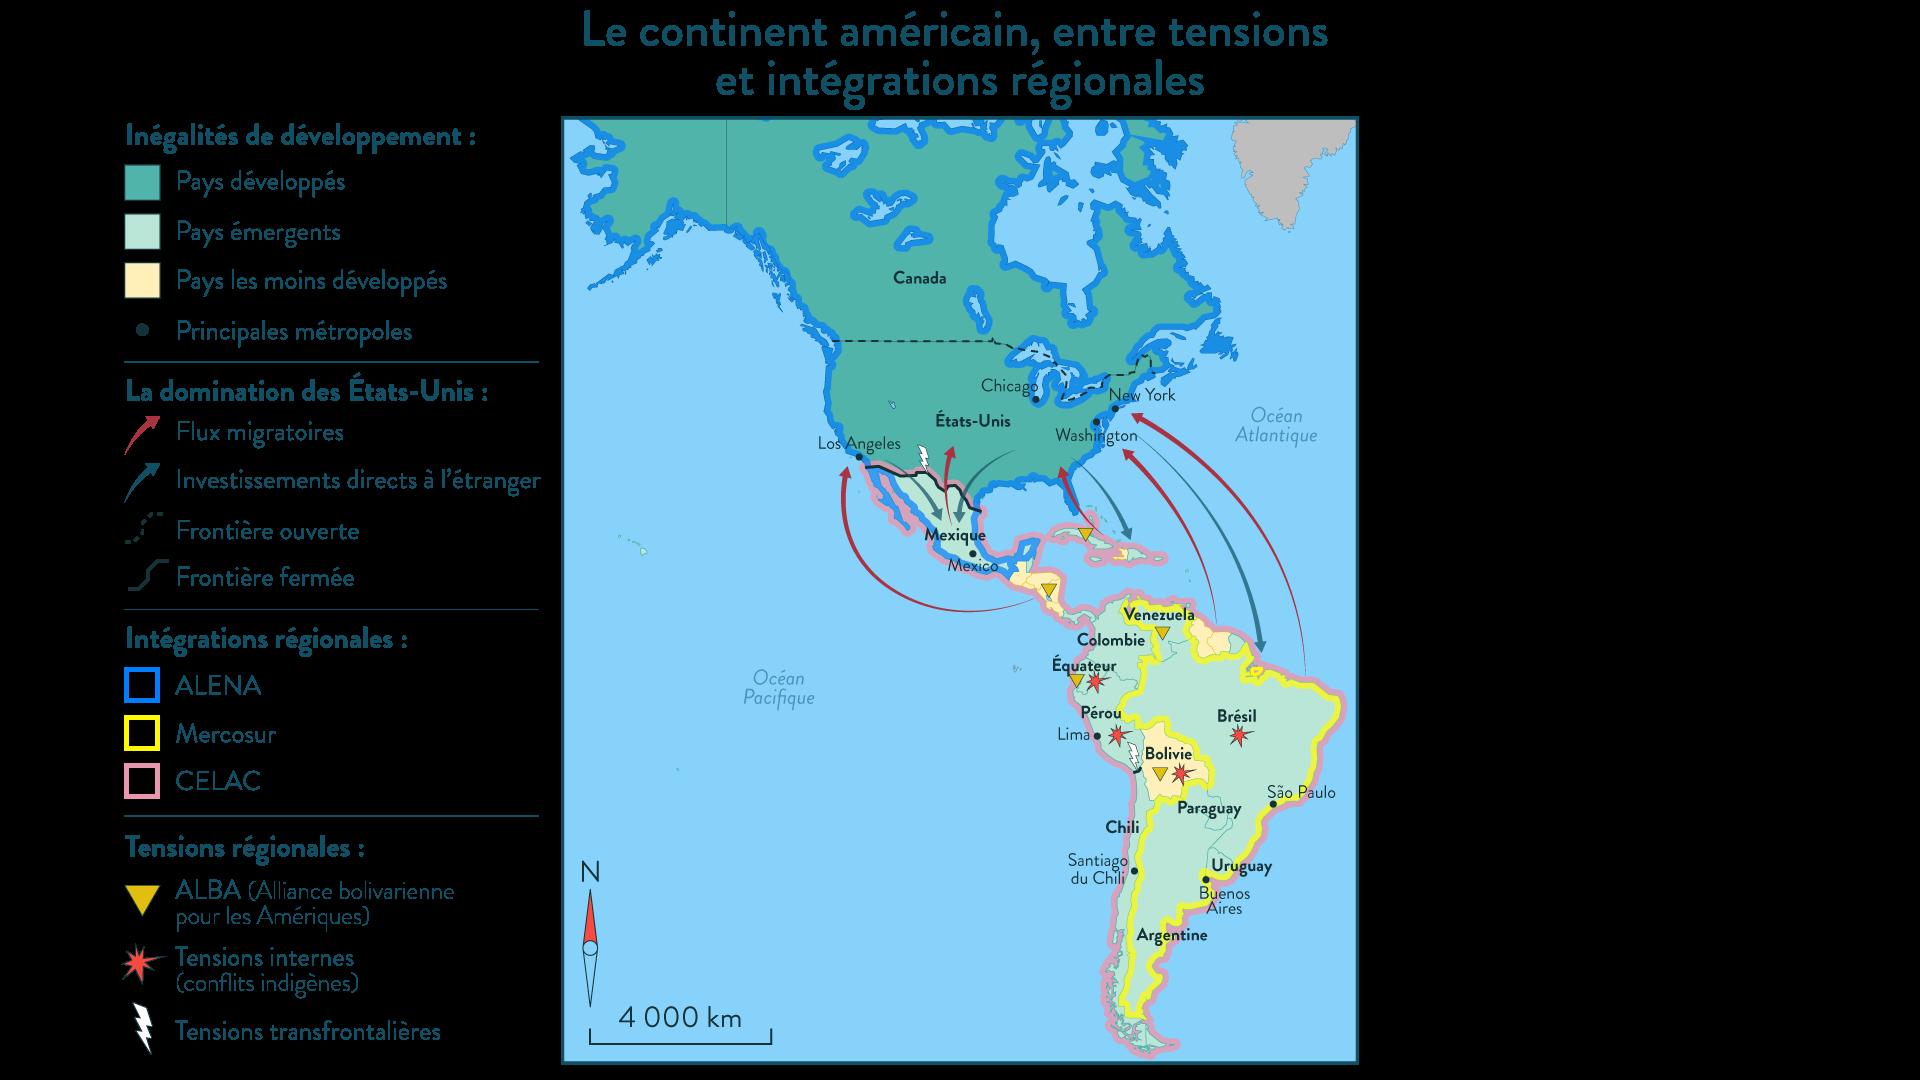 Le continent américain, entre tensions et intégrations régionales